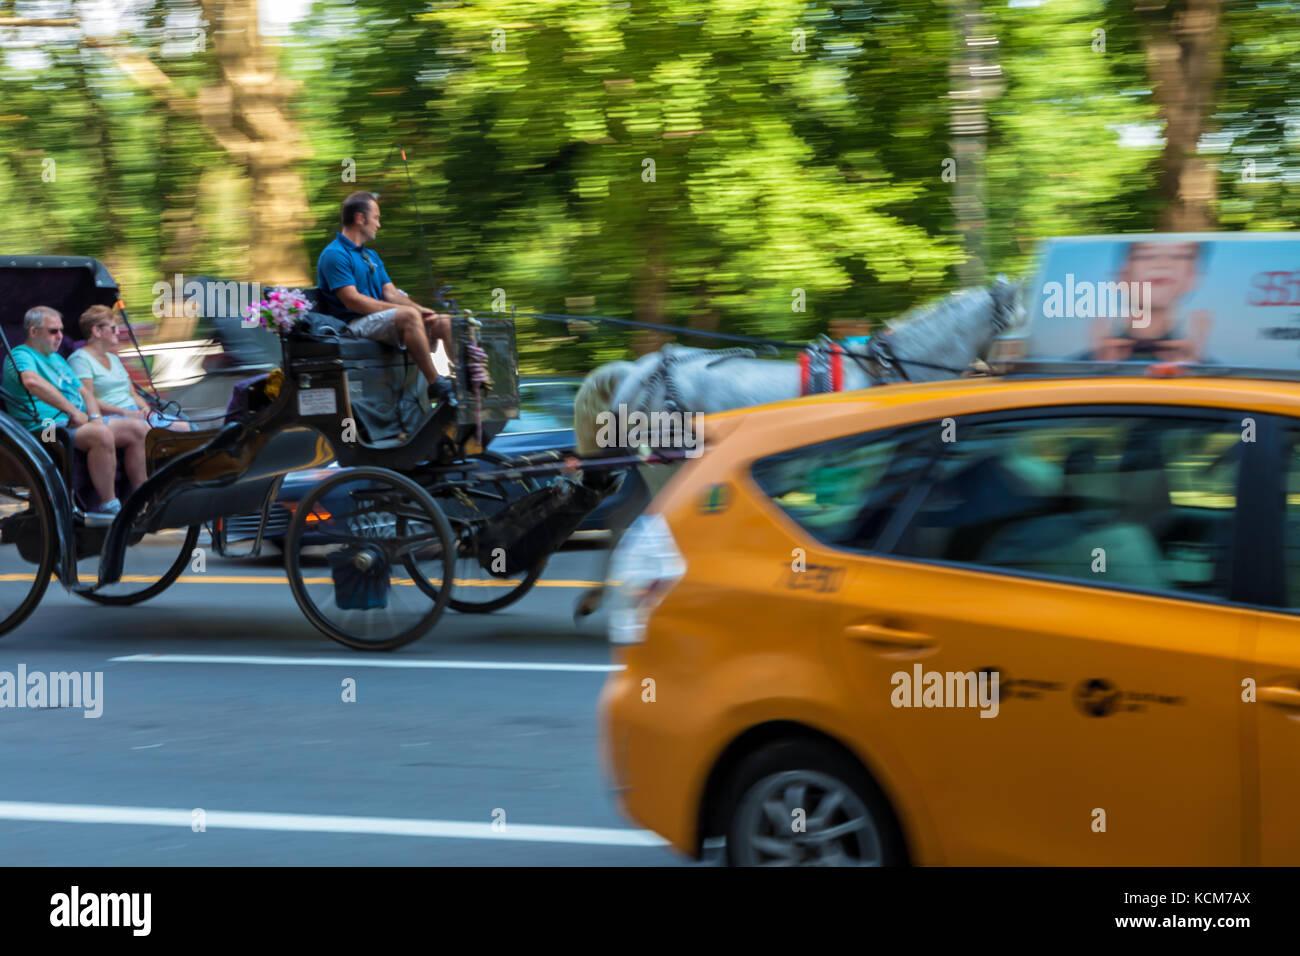 Taxi jaune, transport de chevaux, les modes de transport à new york city, new york. Photo Stock